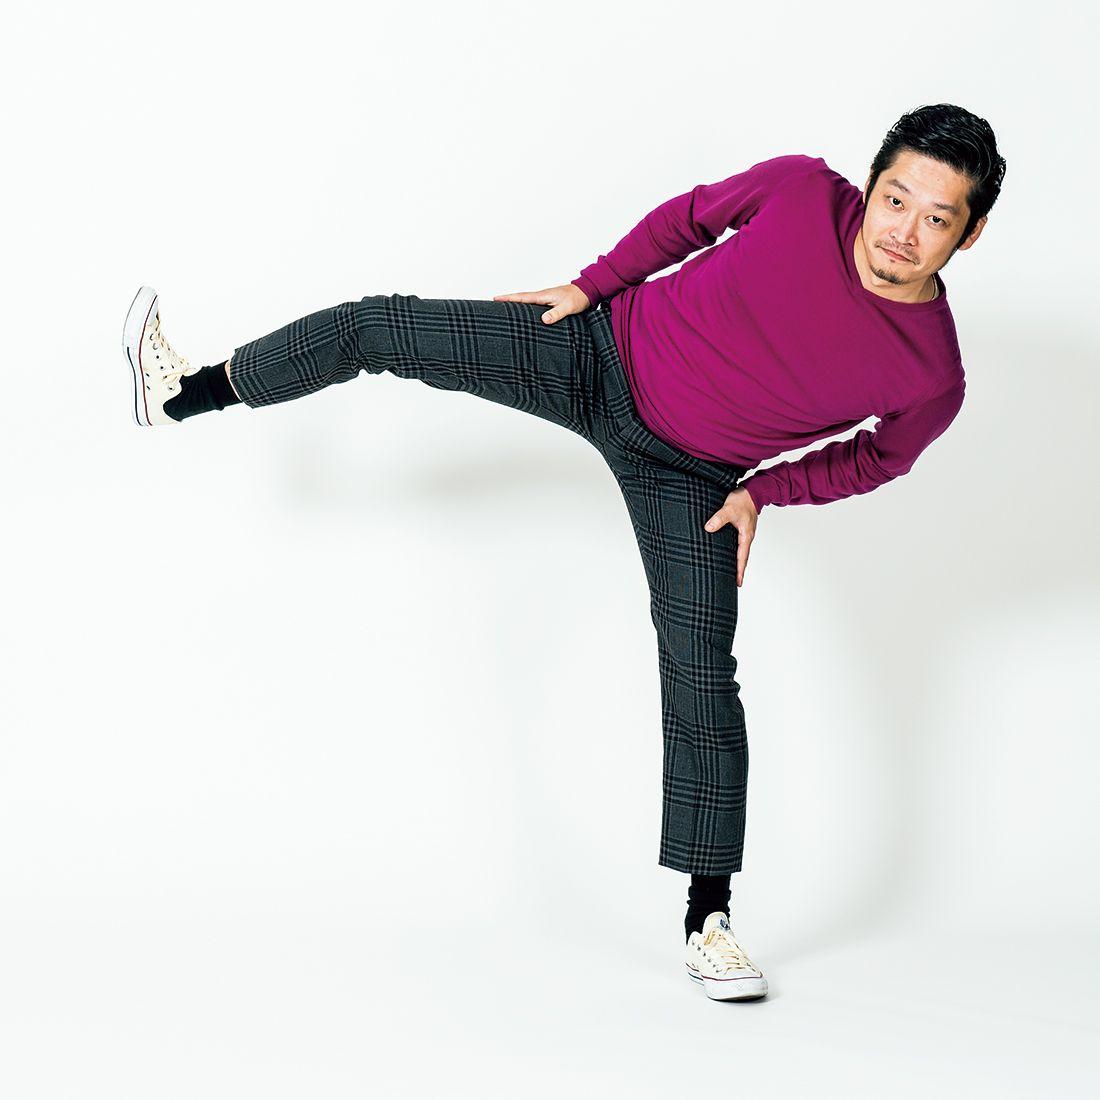 重心を意識して、できるだけ高く脚を上げましょう!